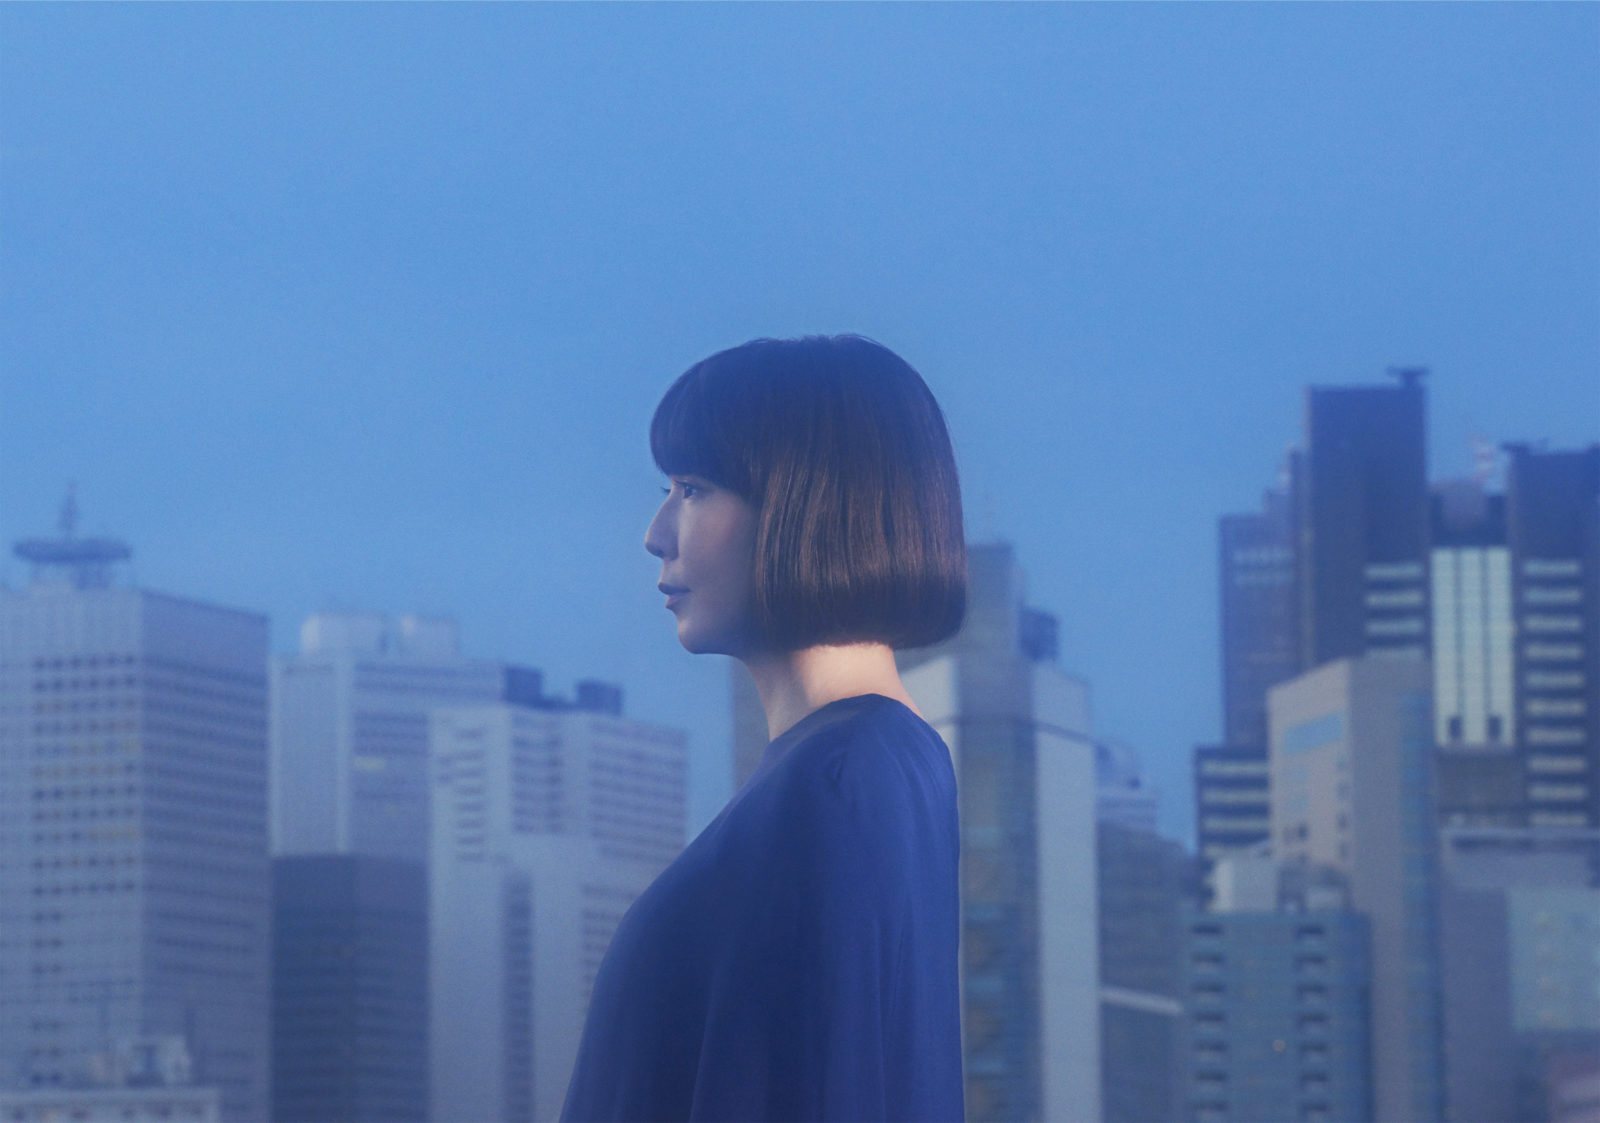 土岐麻子、NEWアルバム「PASSION BLUE」発売に先駆けて2週連続先行配信サムネイル画像!